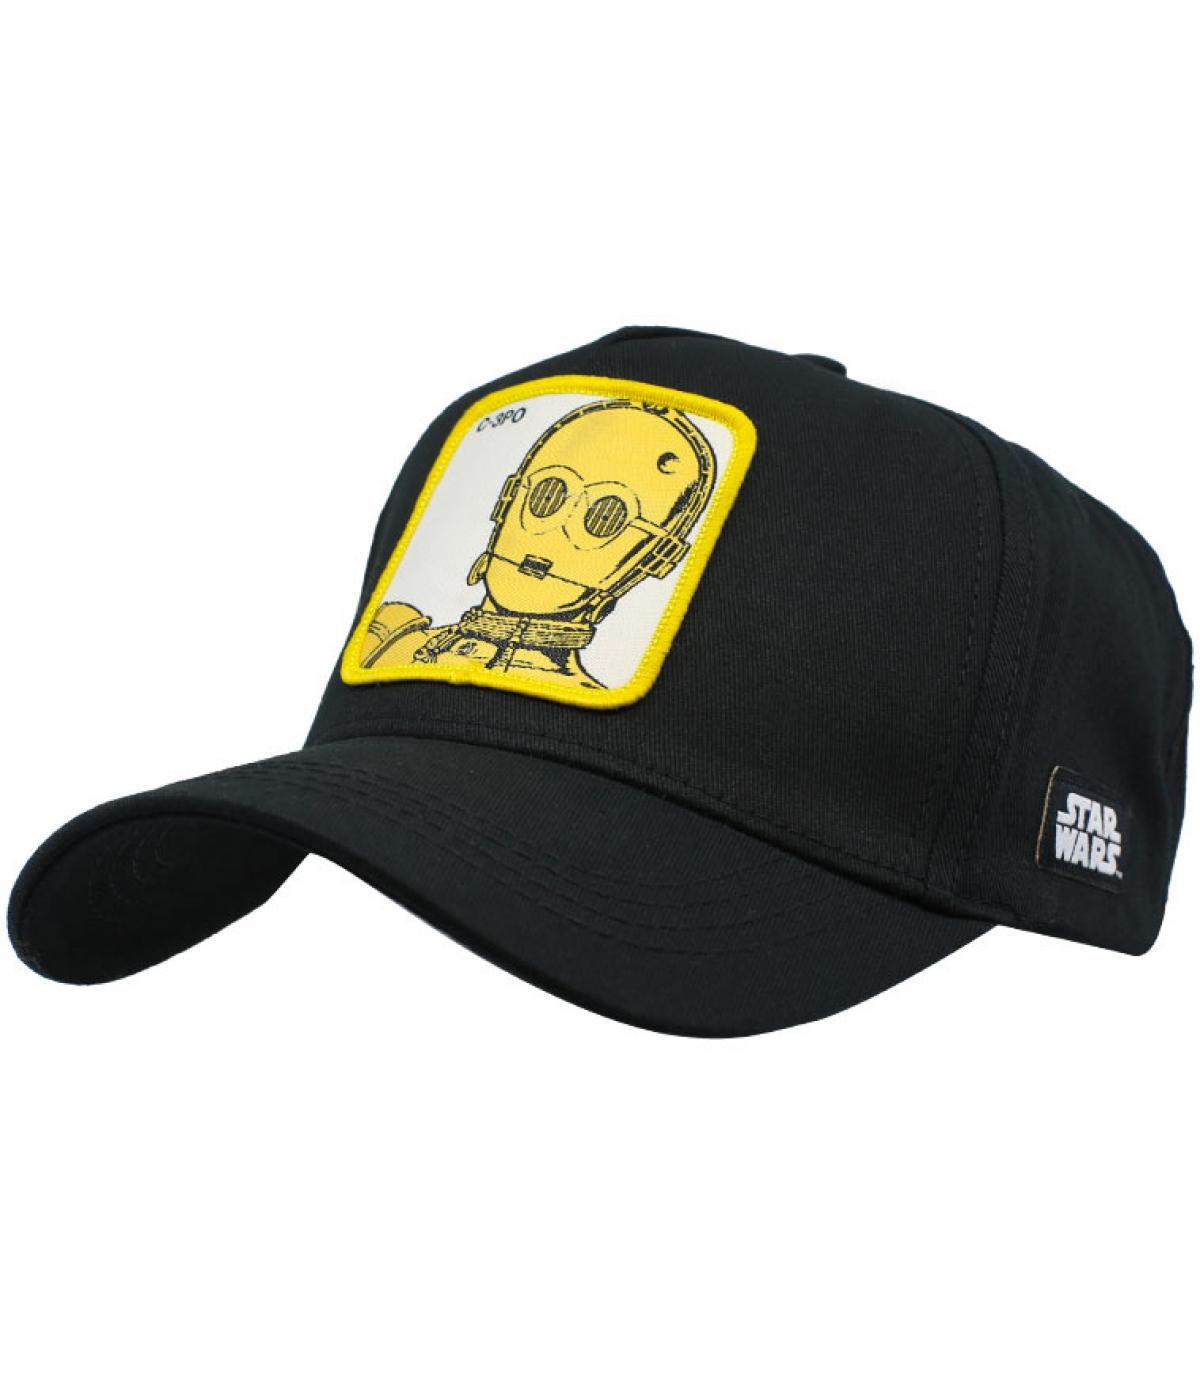 casquetteC-3PO noir